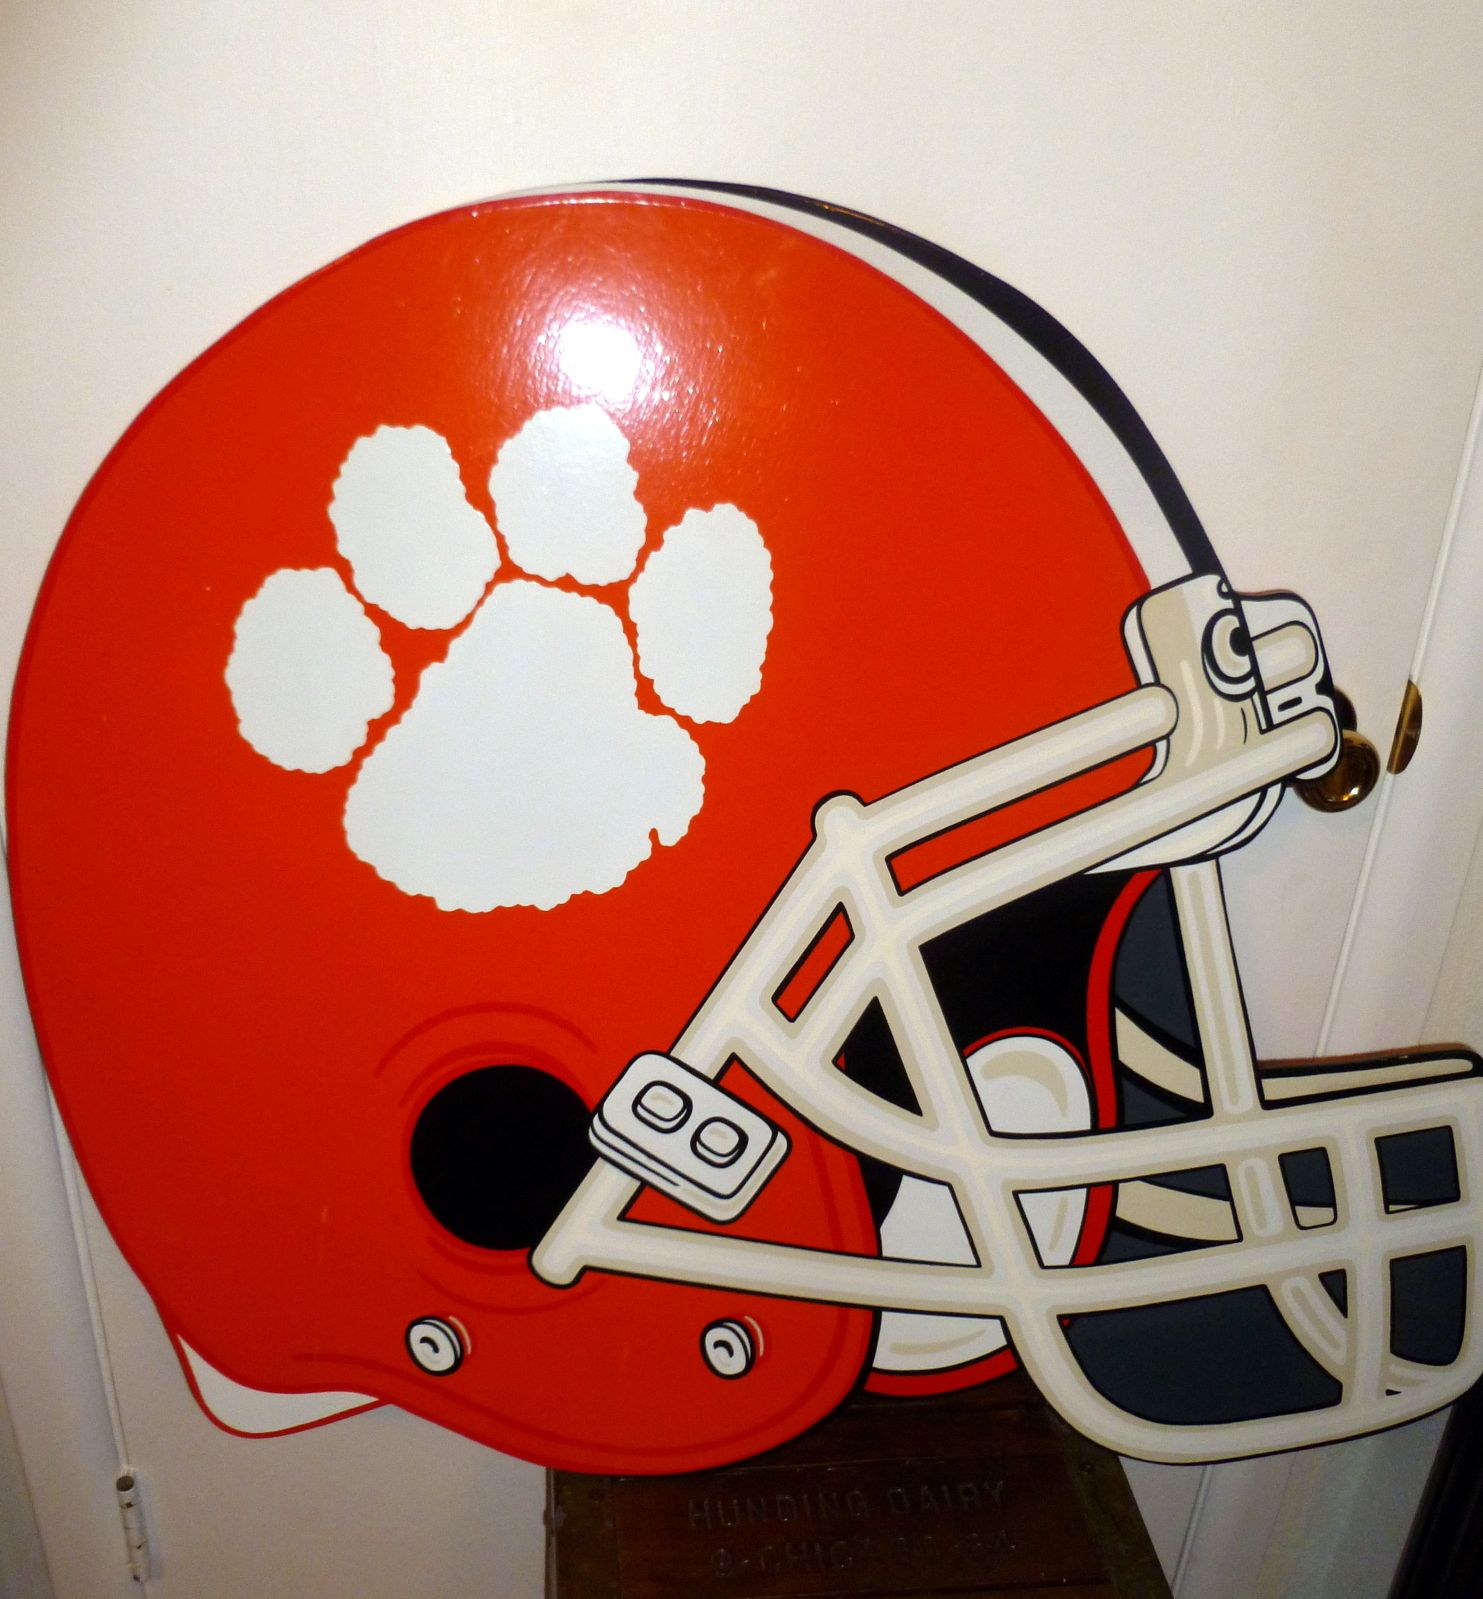 Football Helmet Style Stanford Football Helmet Stickers Football Helmets Stanford Football Helmet